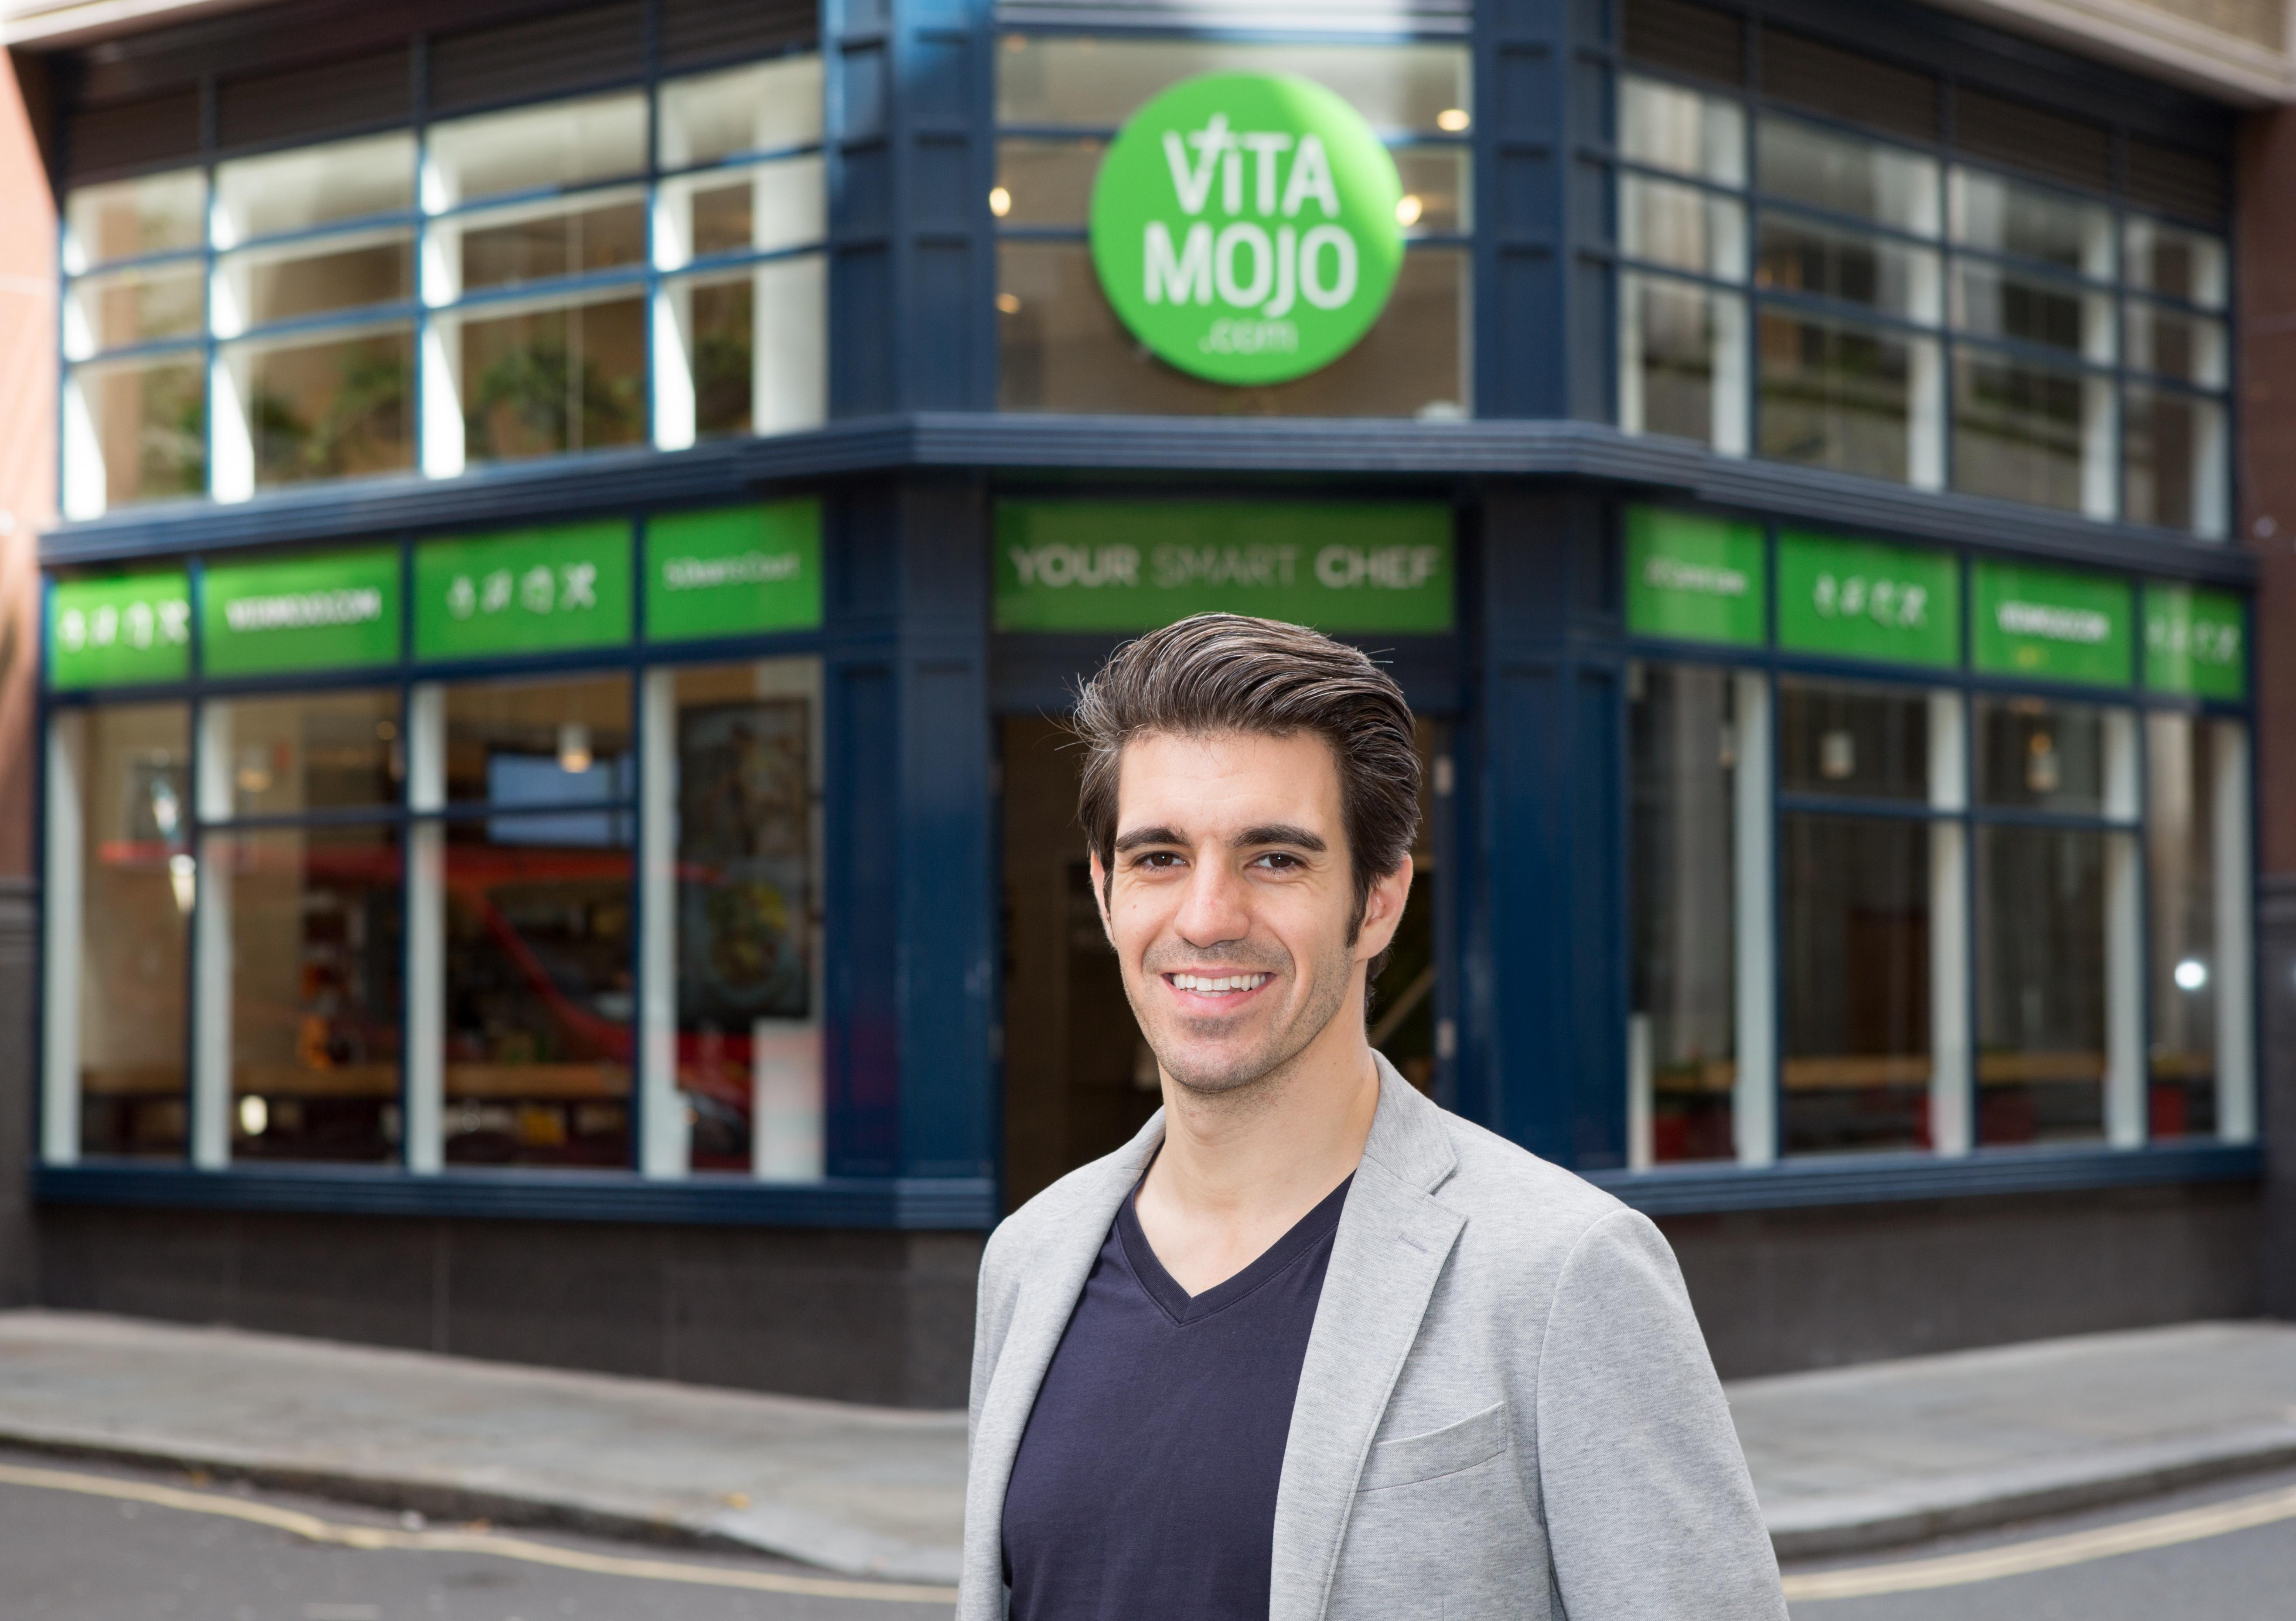 vita_mojo_founder_nick_popovici